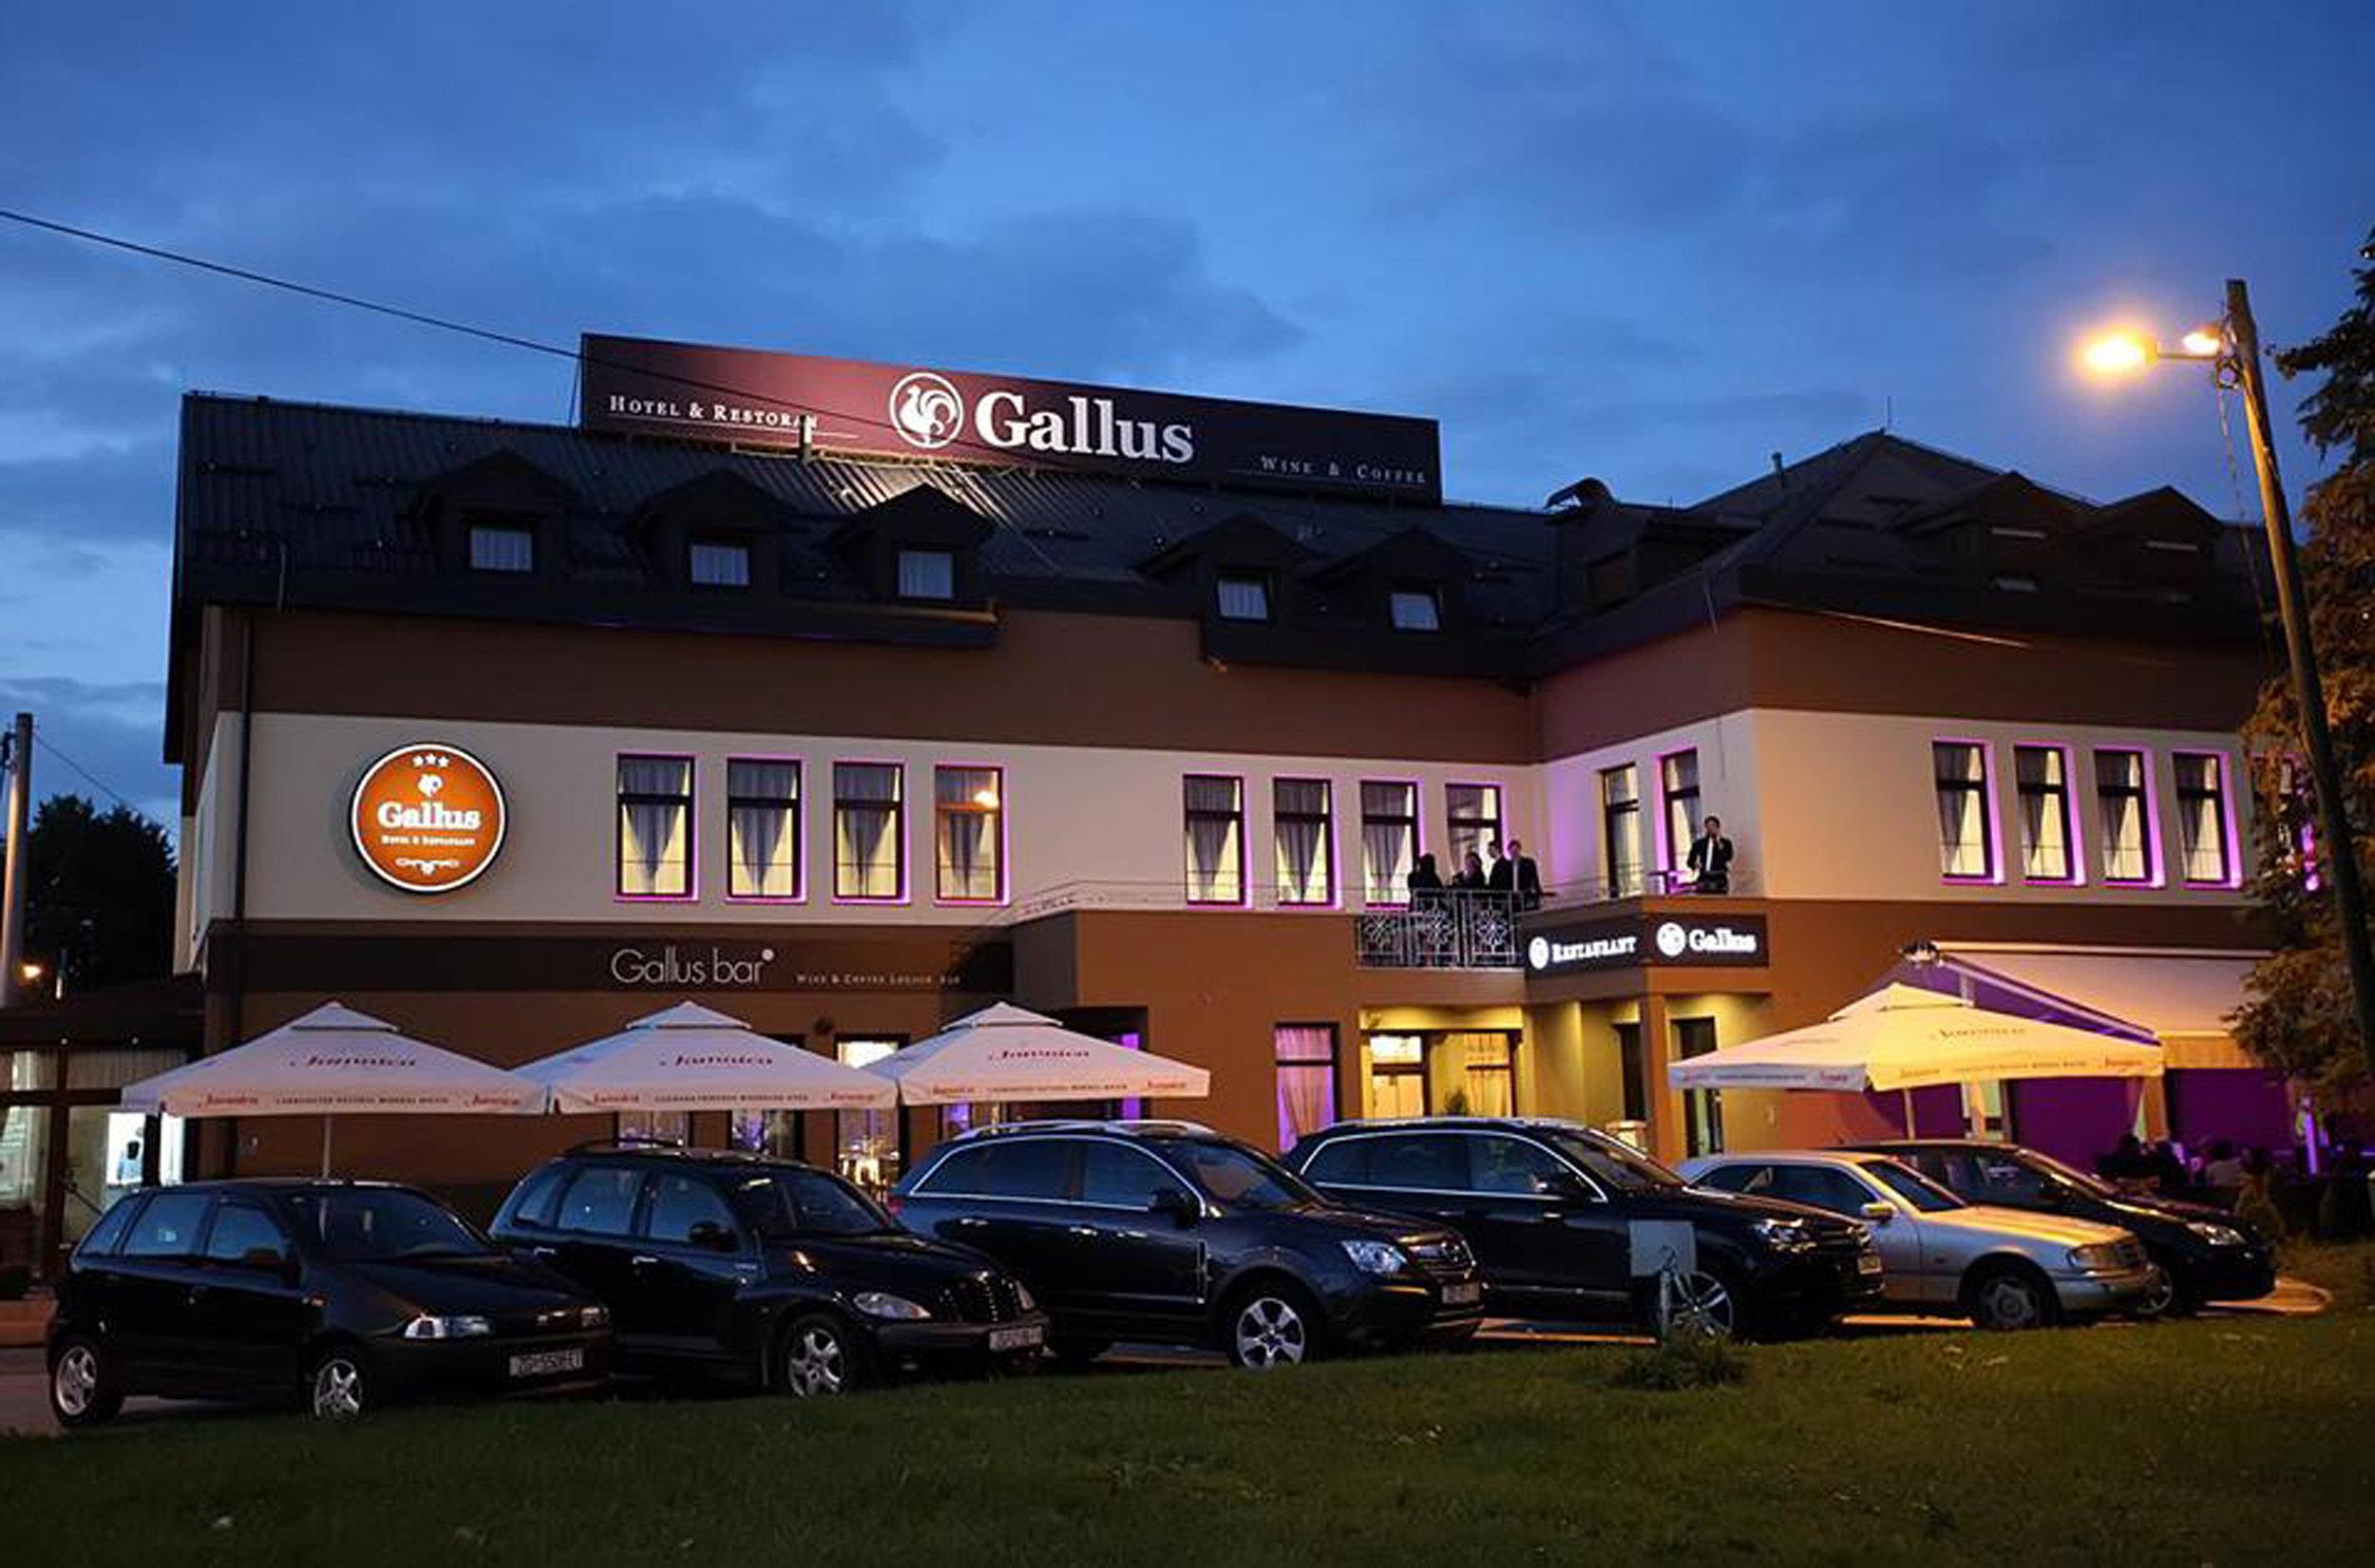 malpas hotel casino kbrs